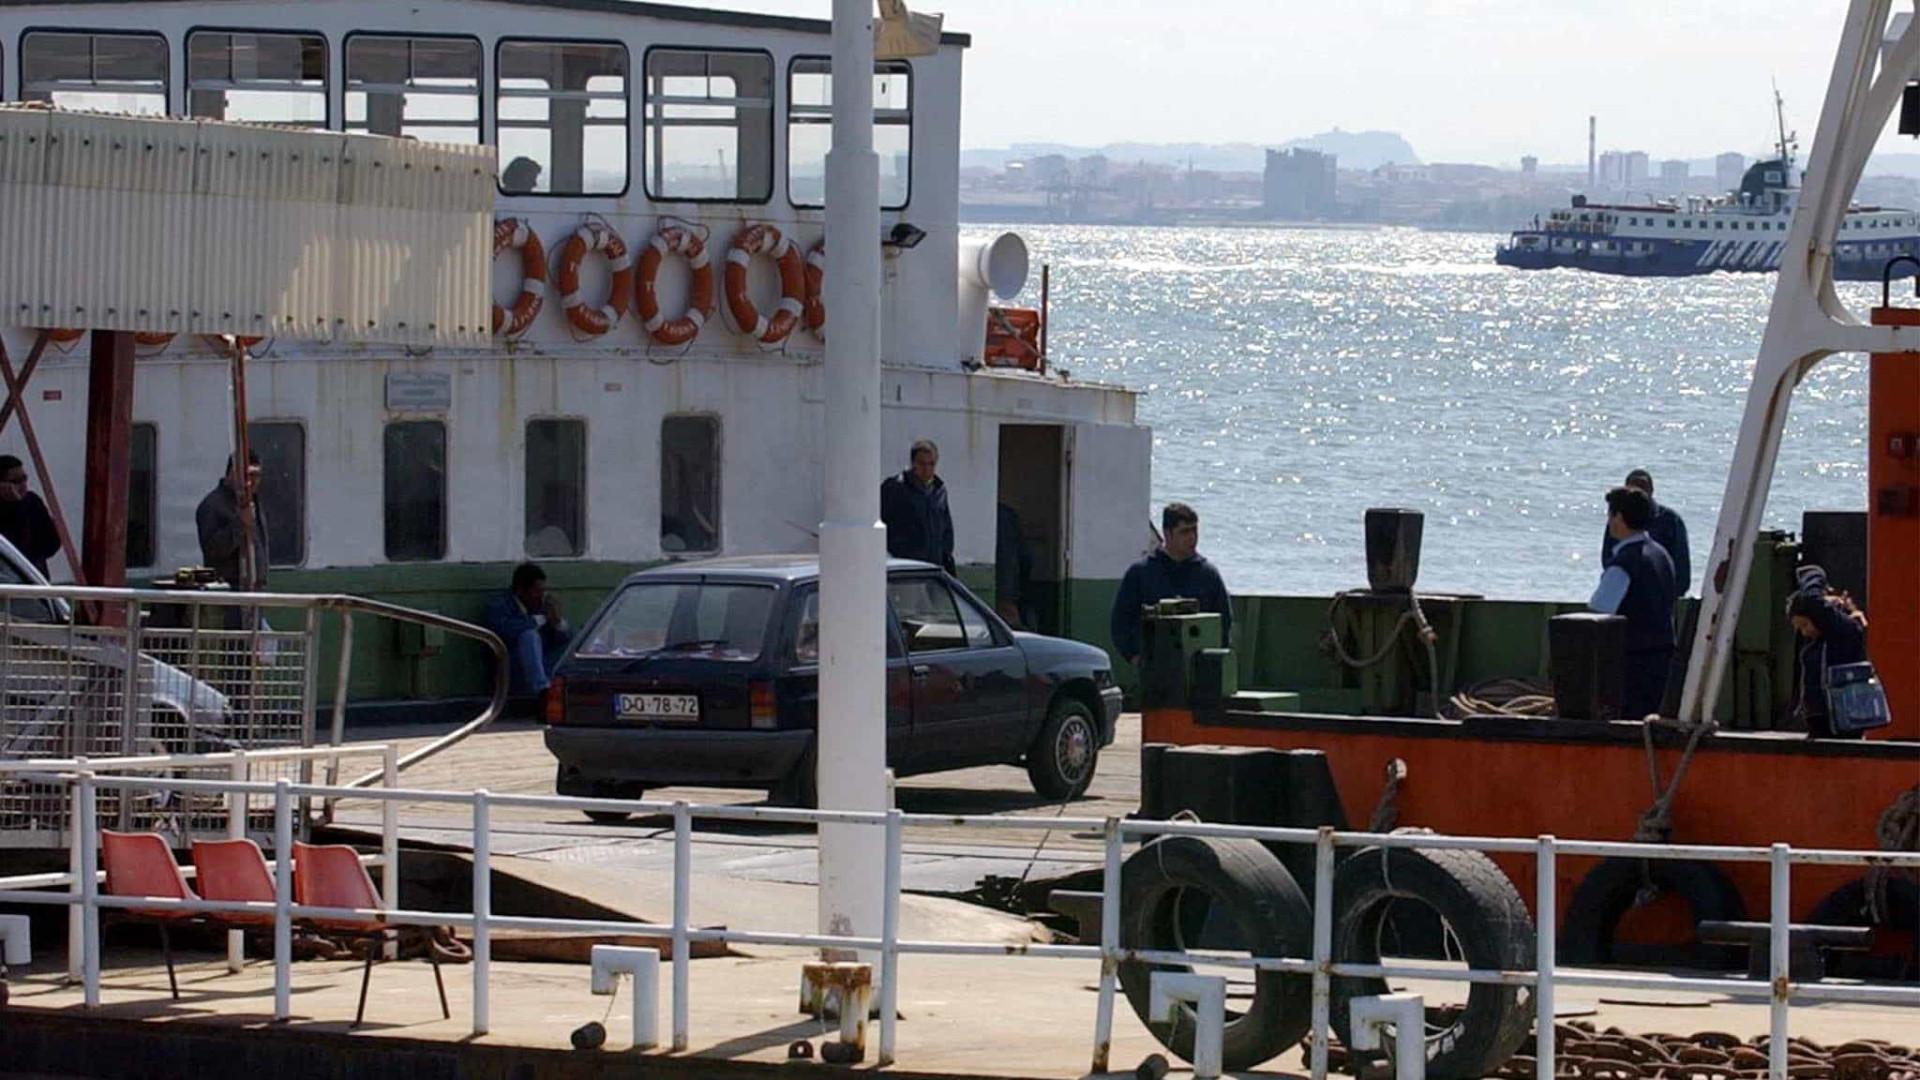 Barco da Transtejo resgata três homens que naufragaram no rio Tejo